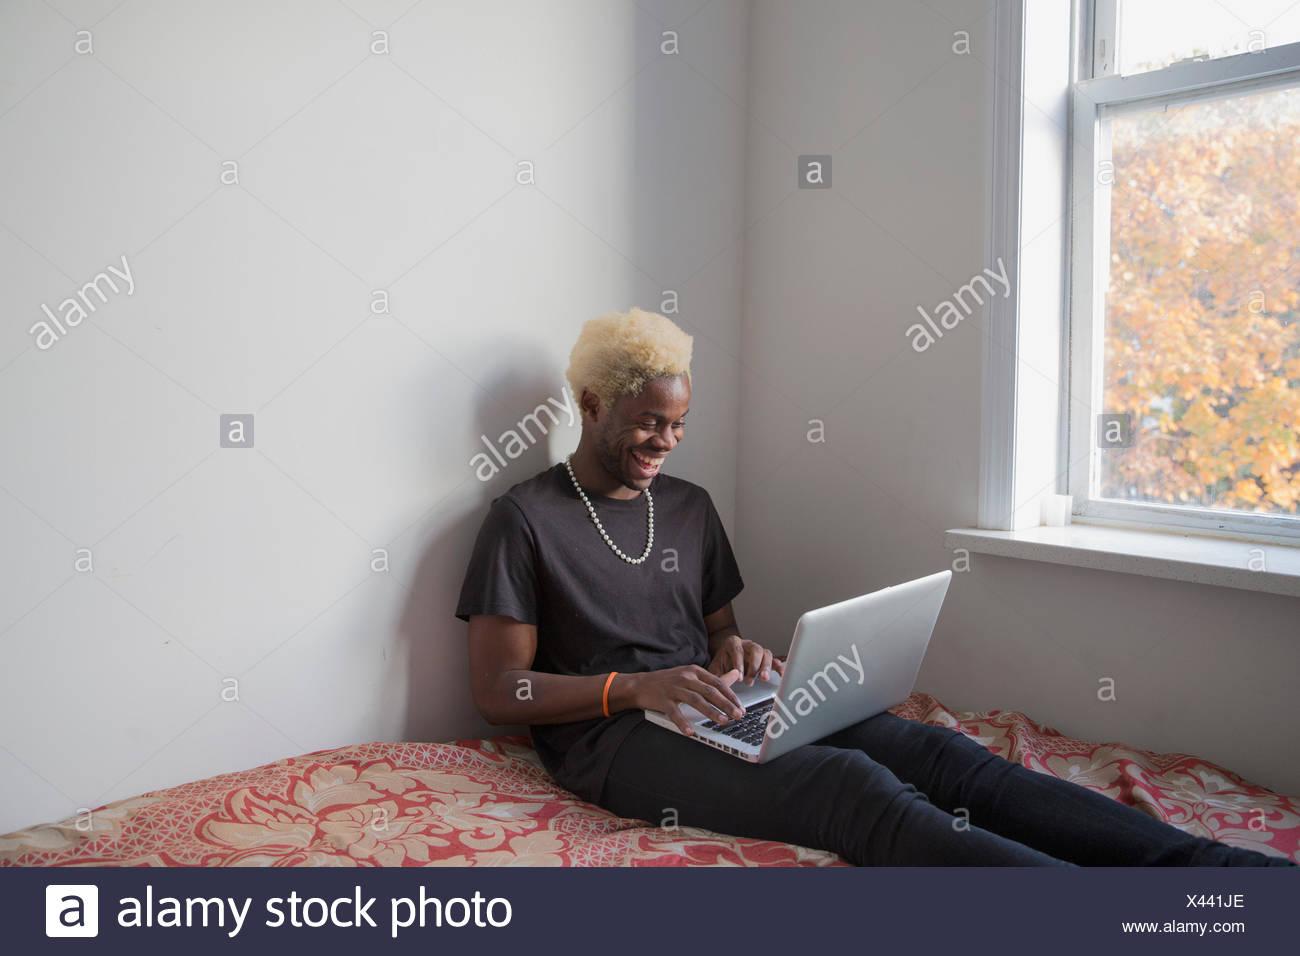 Joven sonriente mientras escribe en su ordenador portátil mediante una ventana en casa Imagen De Stock